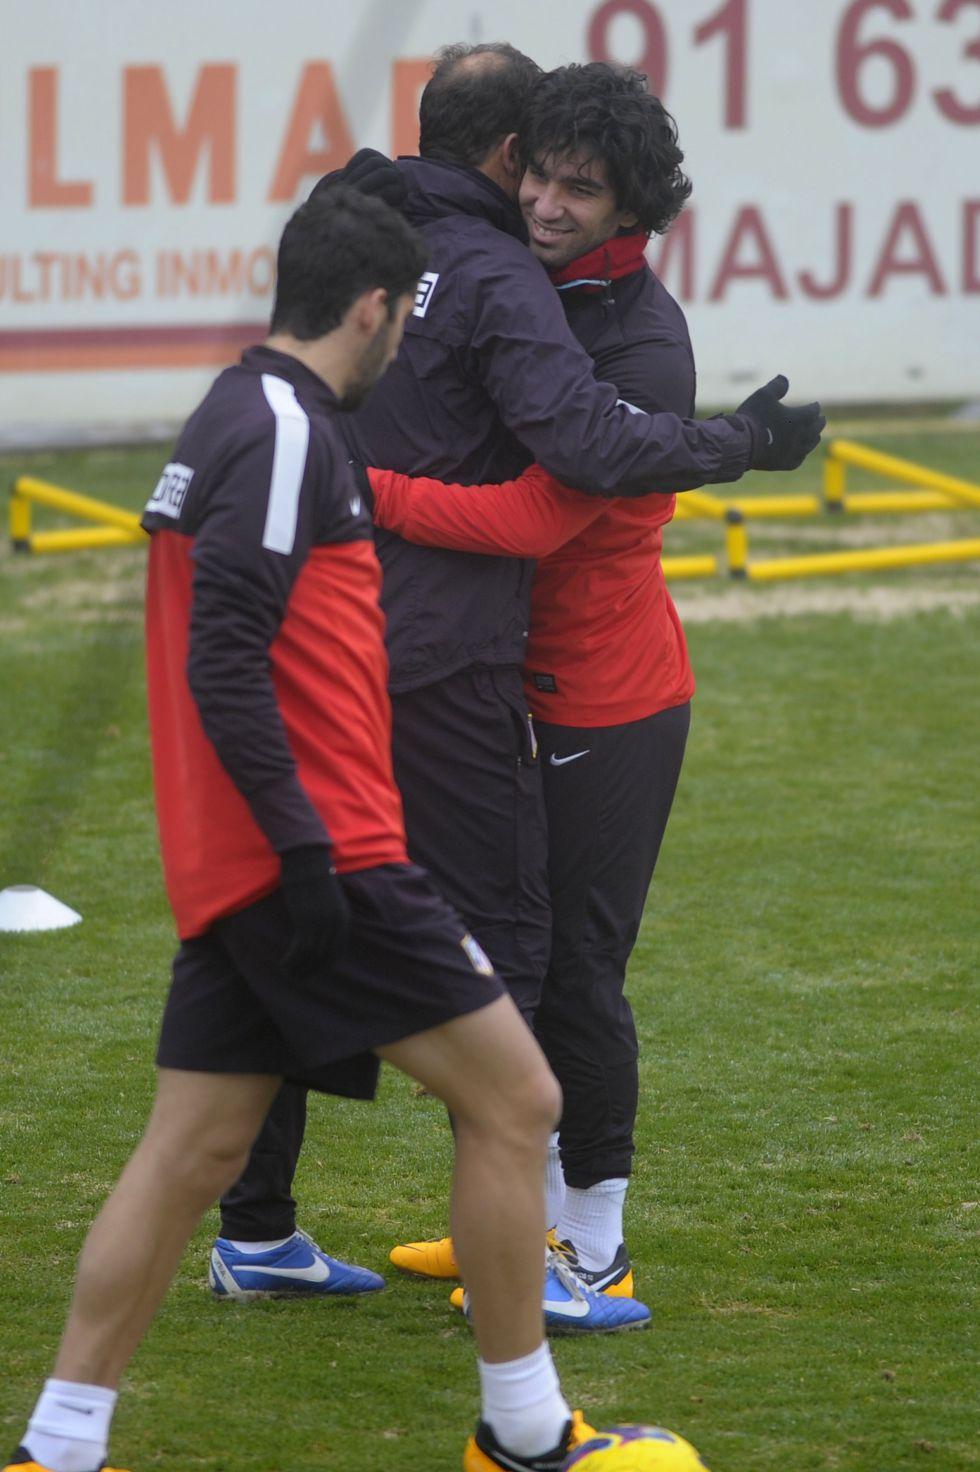 El Atlético de Madrid no tiene previsto desprenderse de Arda